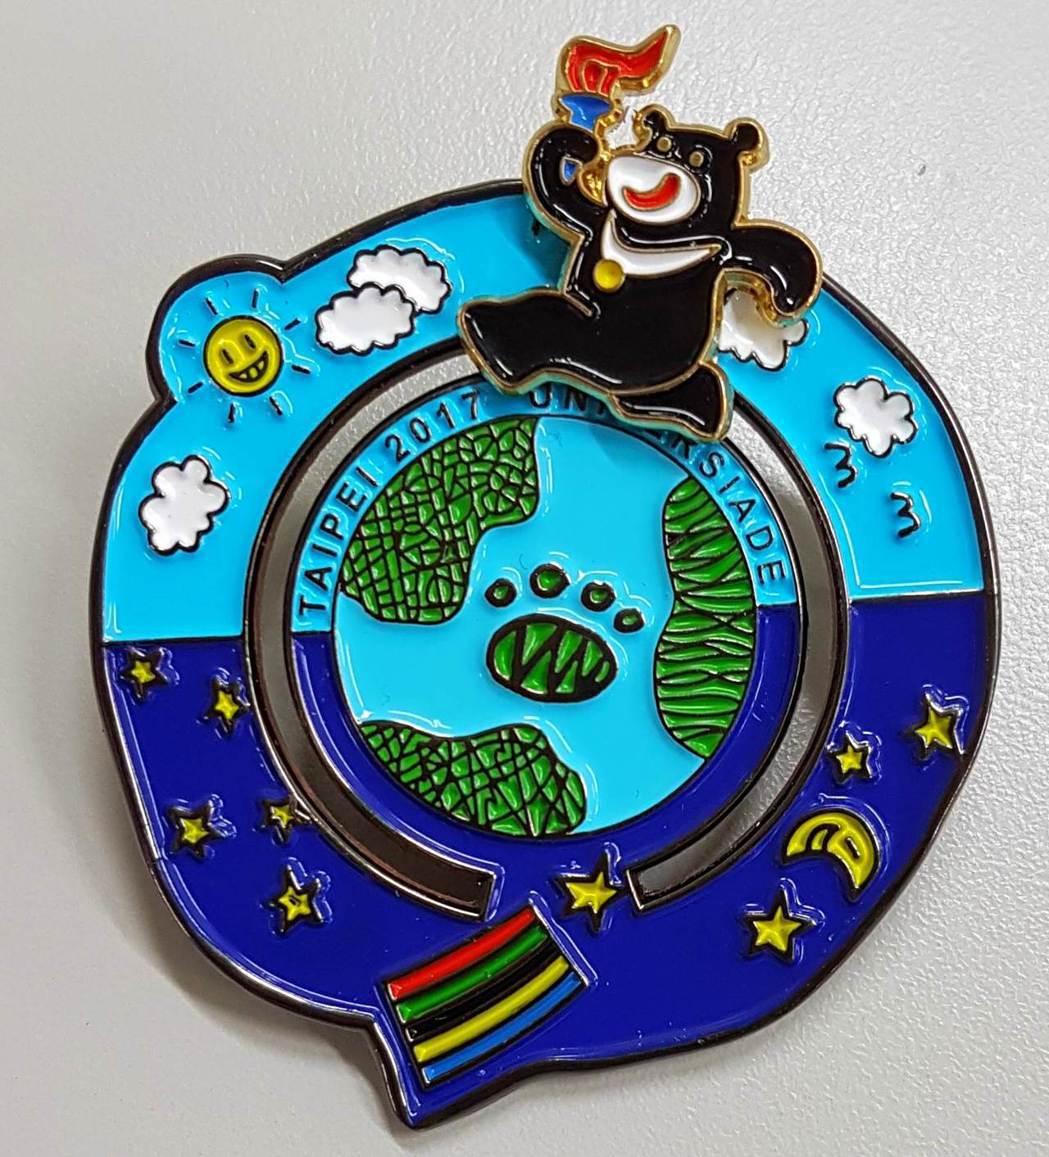 「熊讚」操偶師鄭可渼參與設計的世大運徽章。 本報資料照片